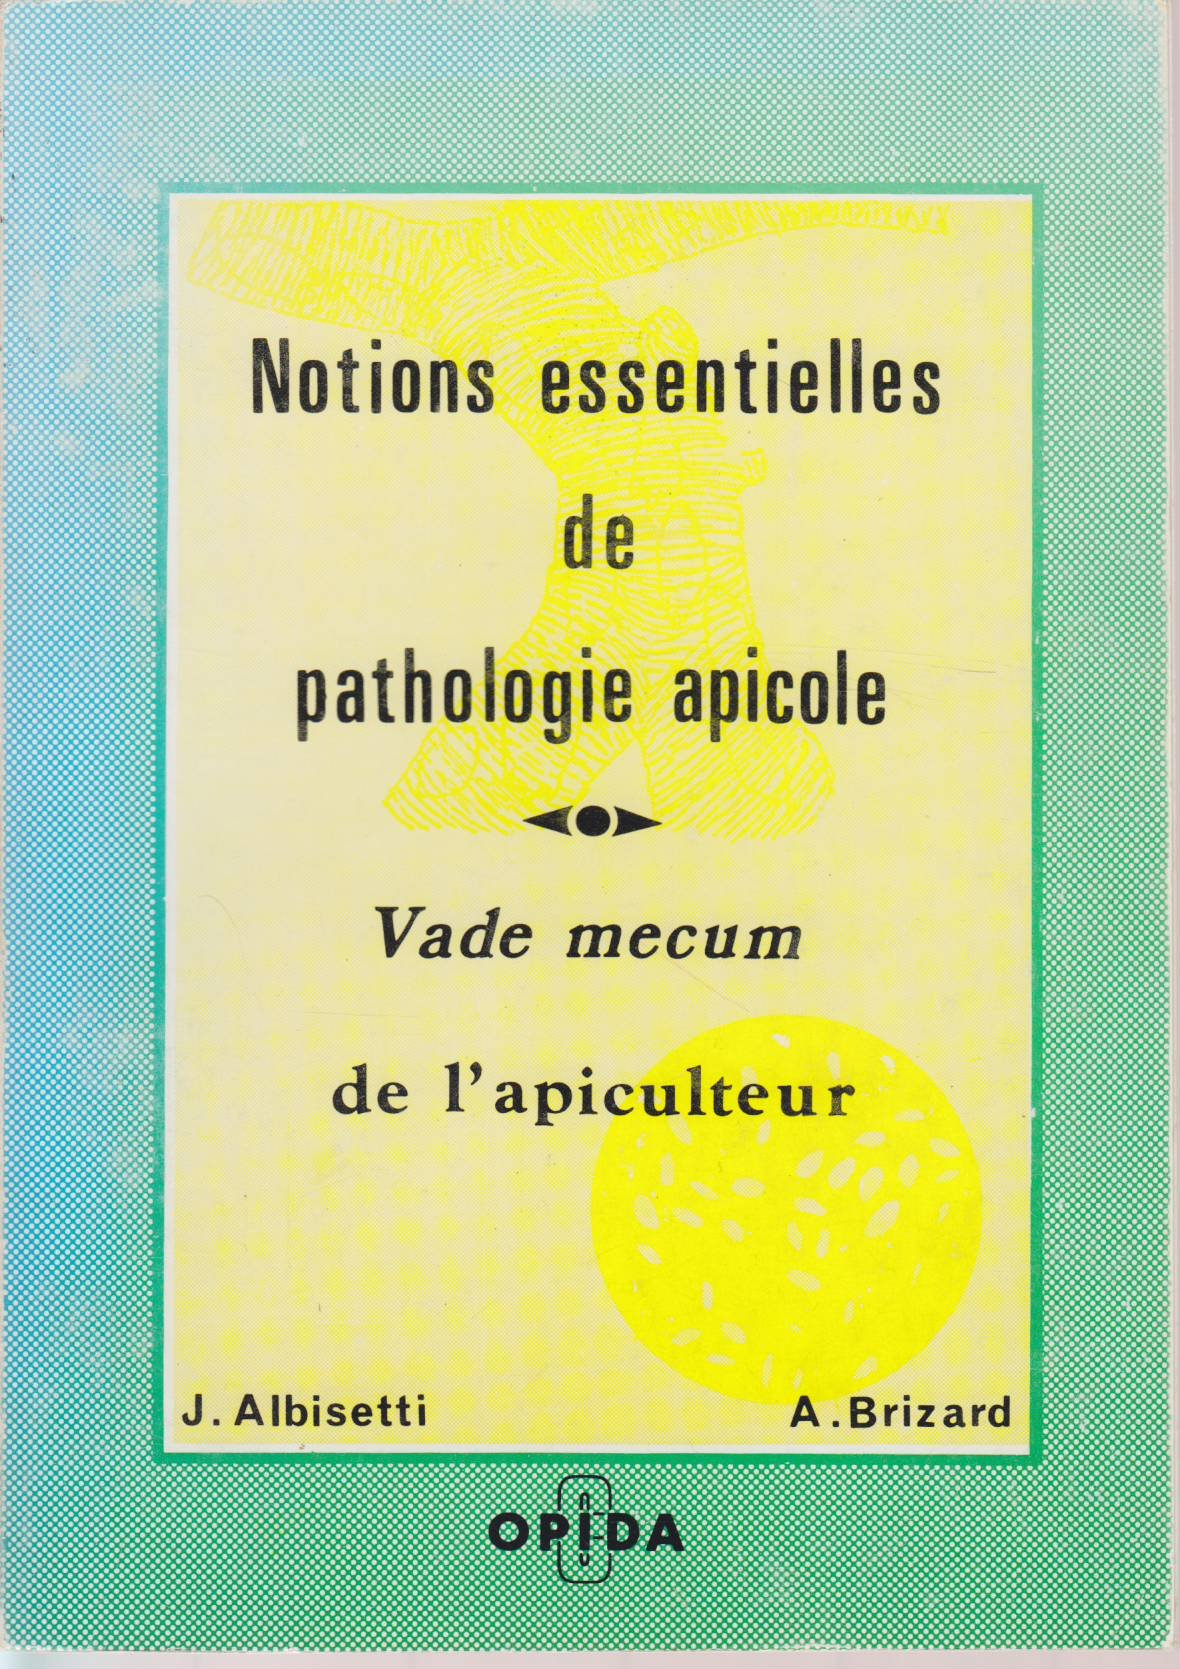 C4 Notions essentielles de pathologie apicole - Brizhard